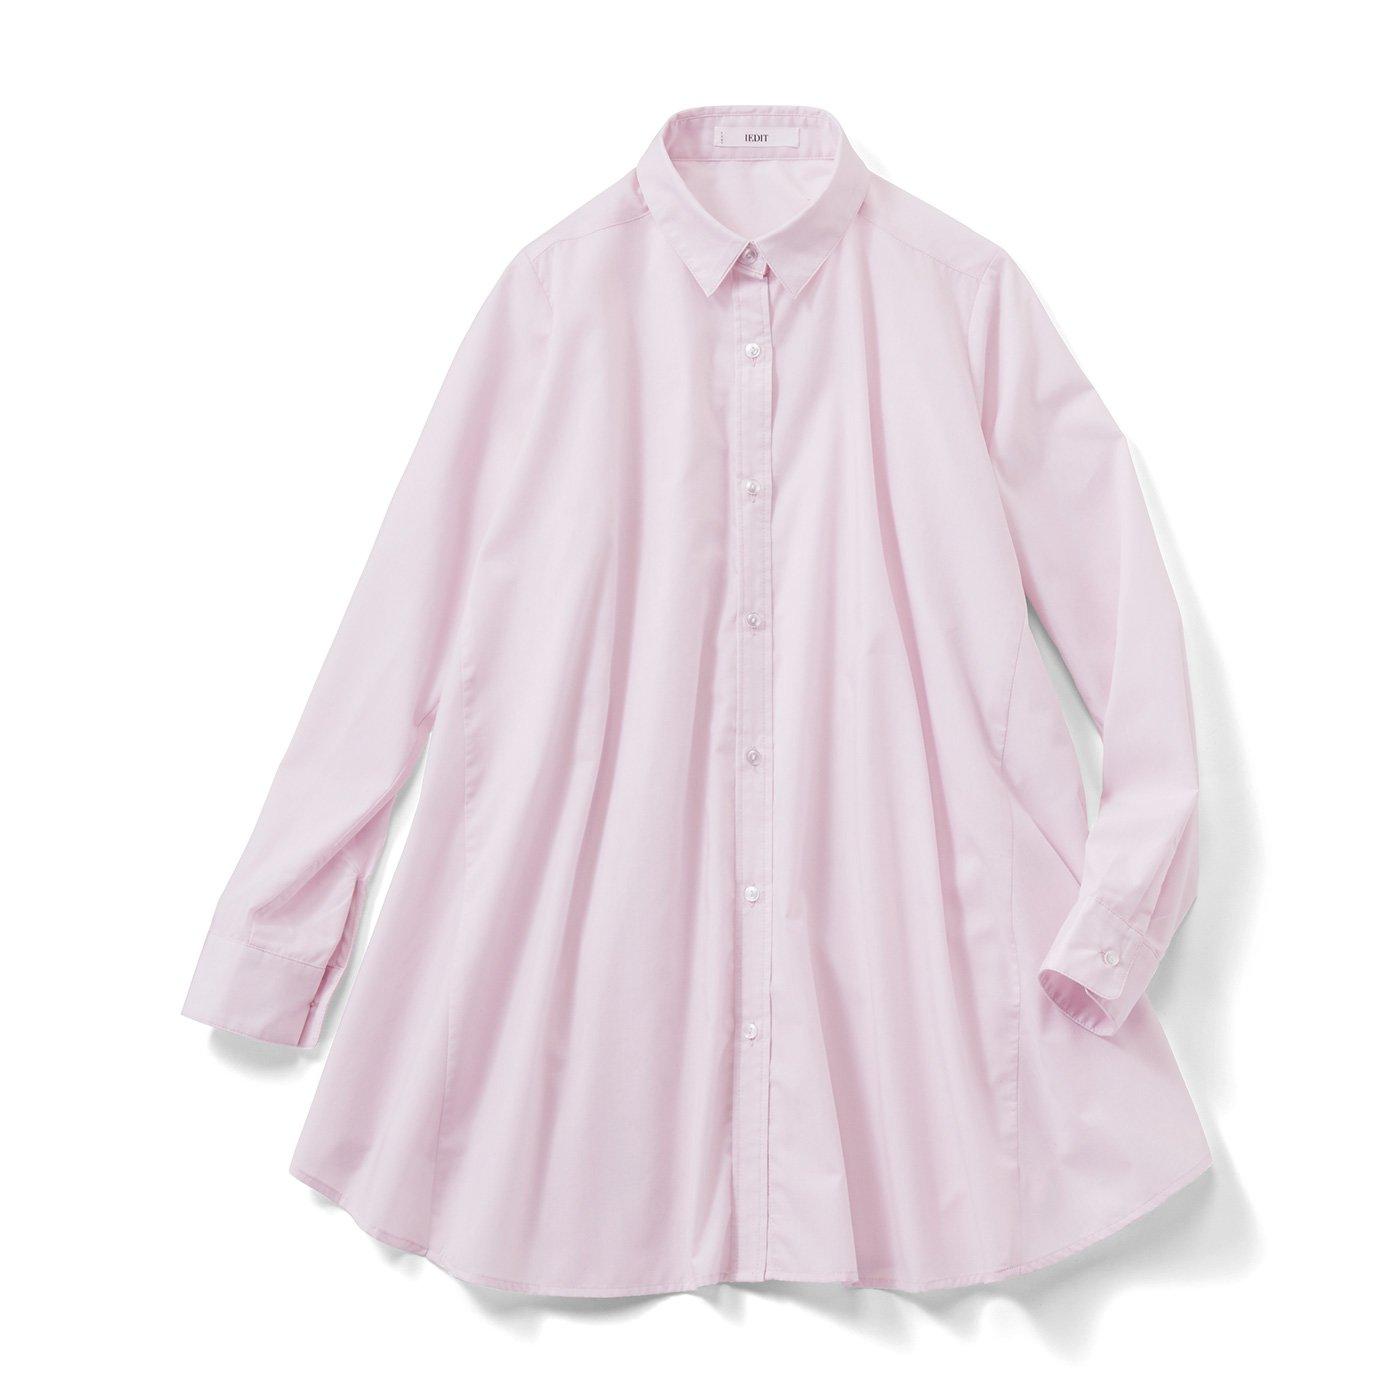 【3~10日でお届け】IEDIT[イディット] たっぷりフレアーが印象的なAラインシャツチュニック〈ライラックピンク〉